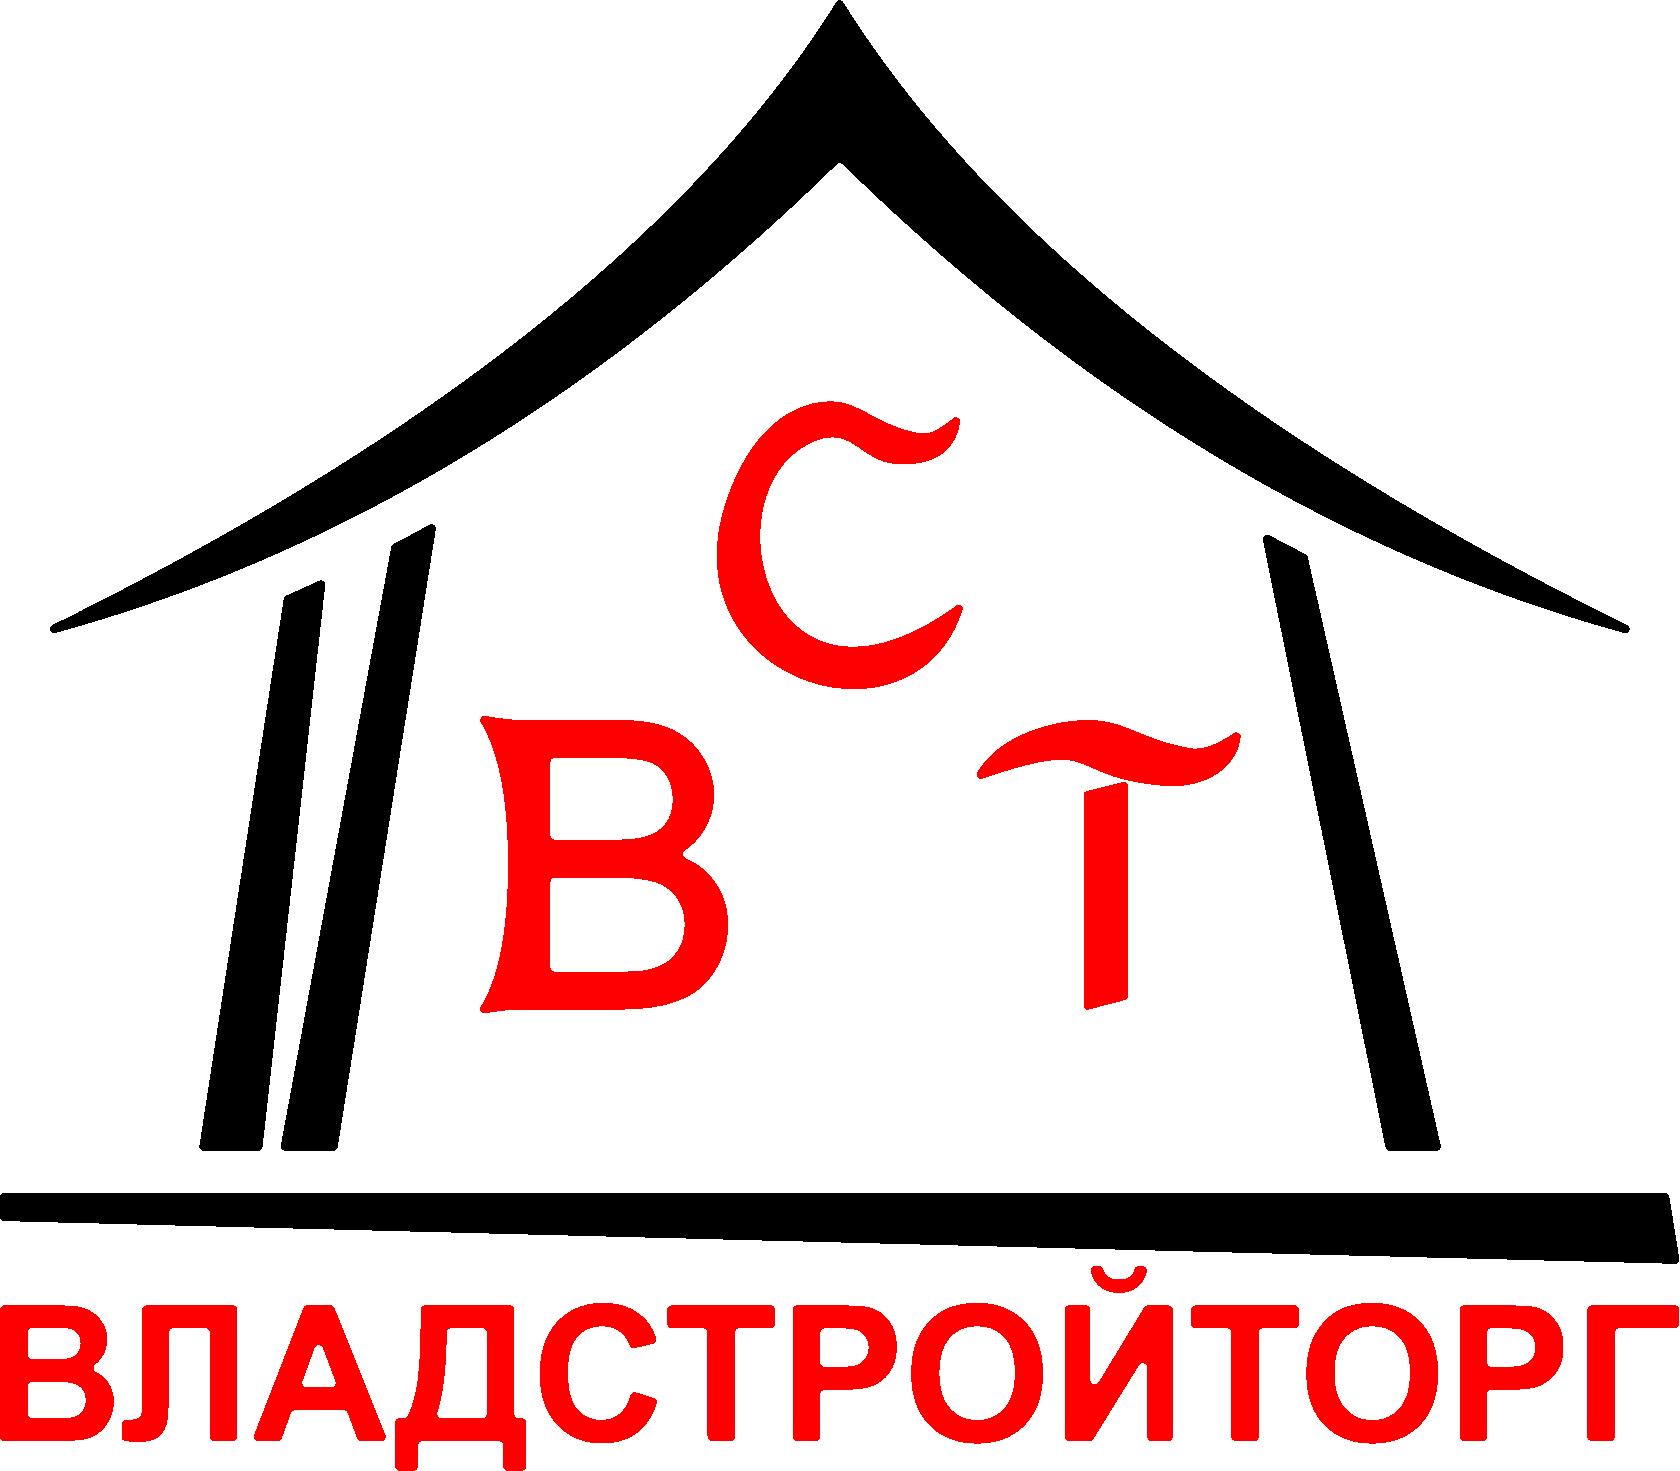 ВЛАДСТРОЙТОРГ